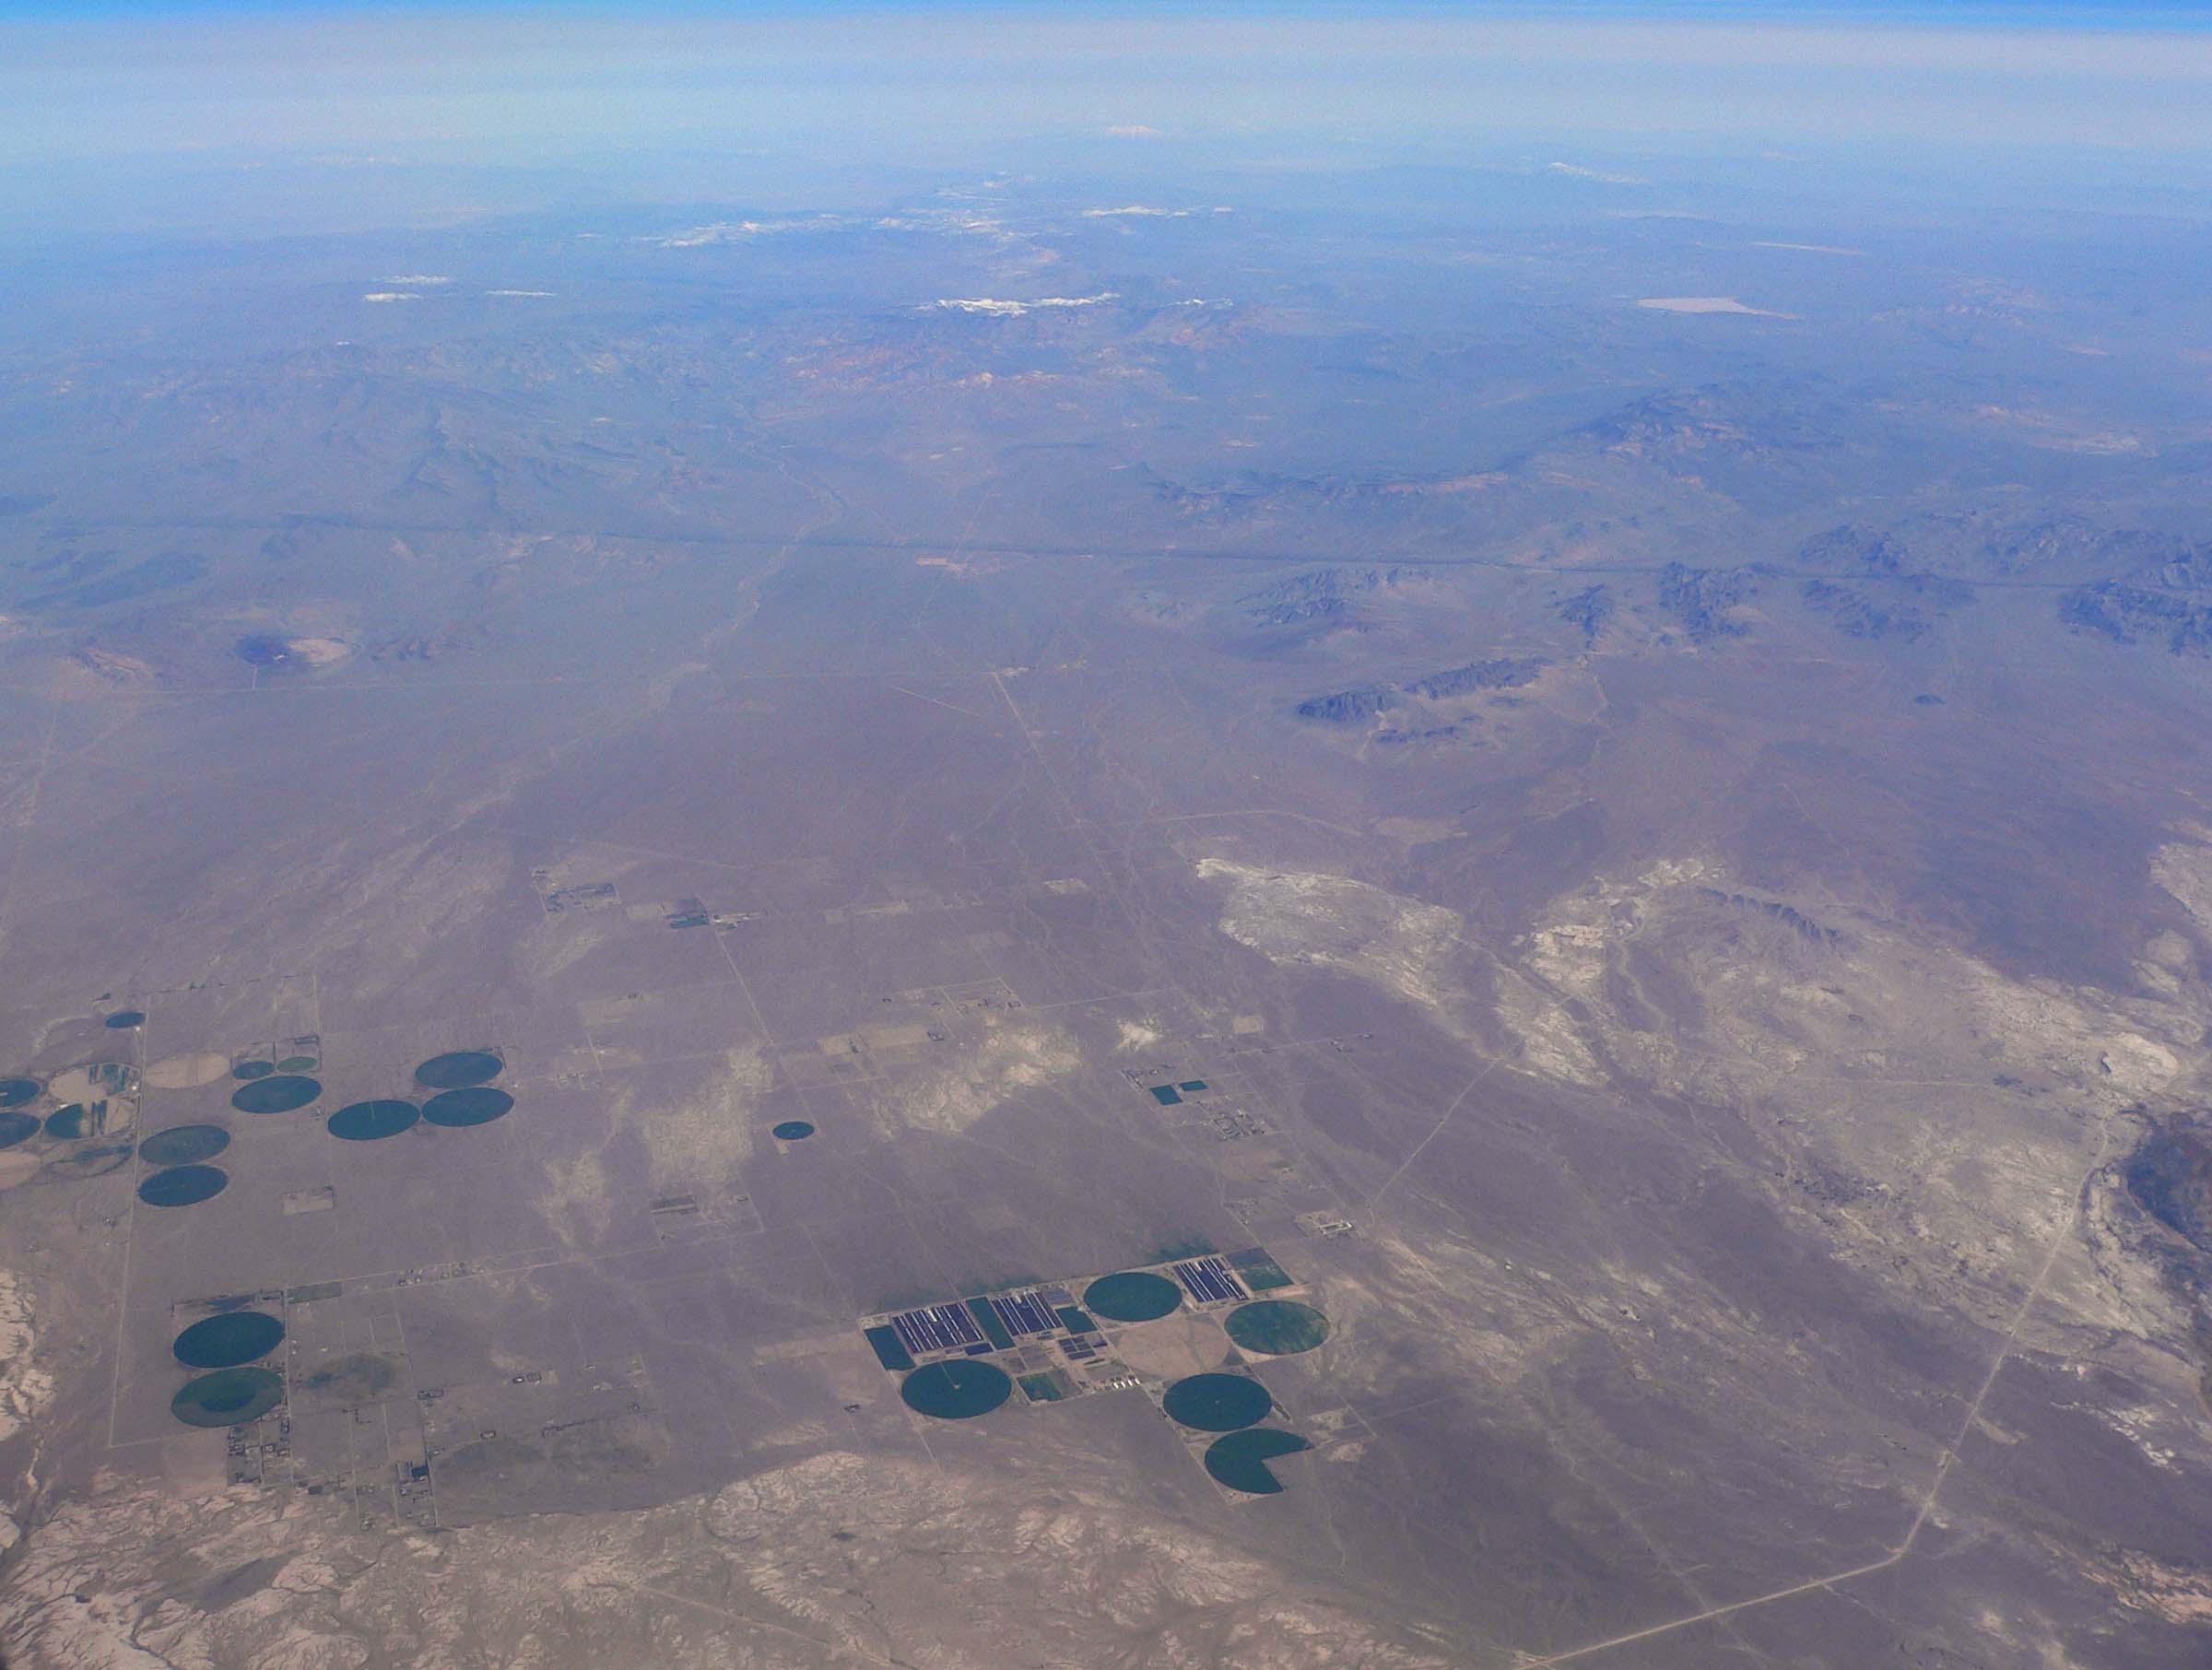 File:Amargosa Desert aerial.jpg - Wikimedia Commons